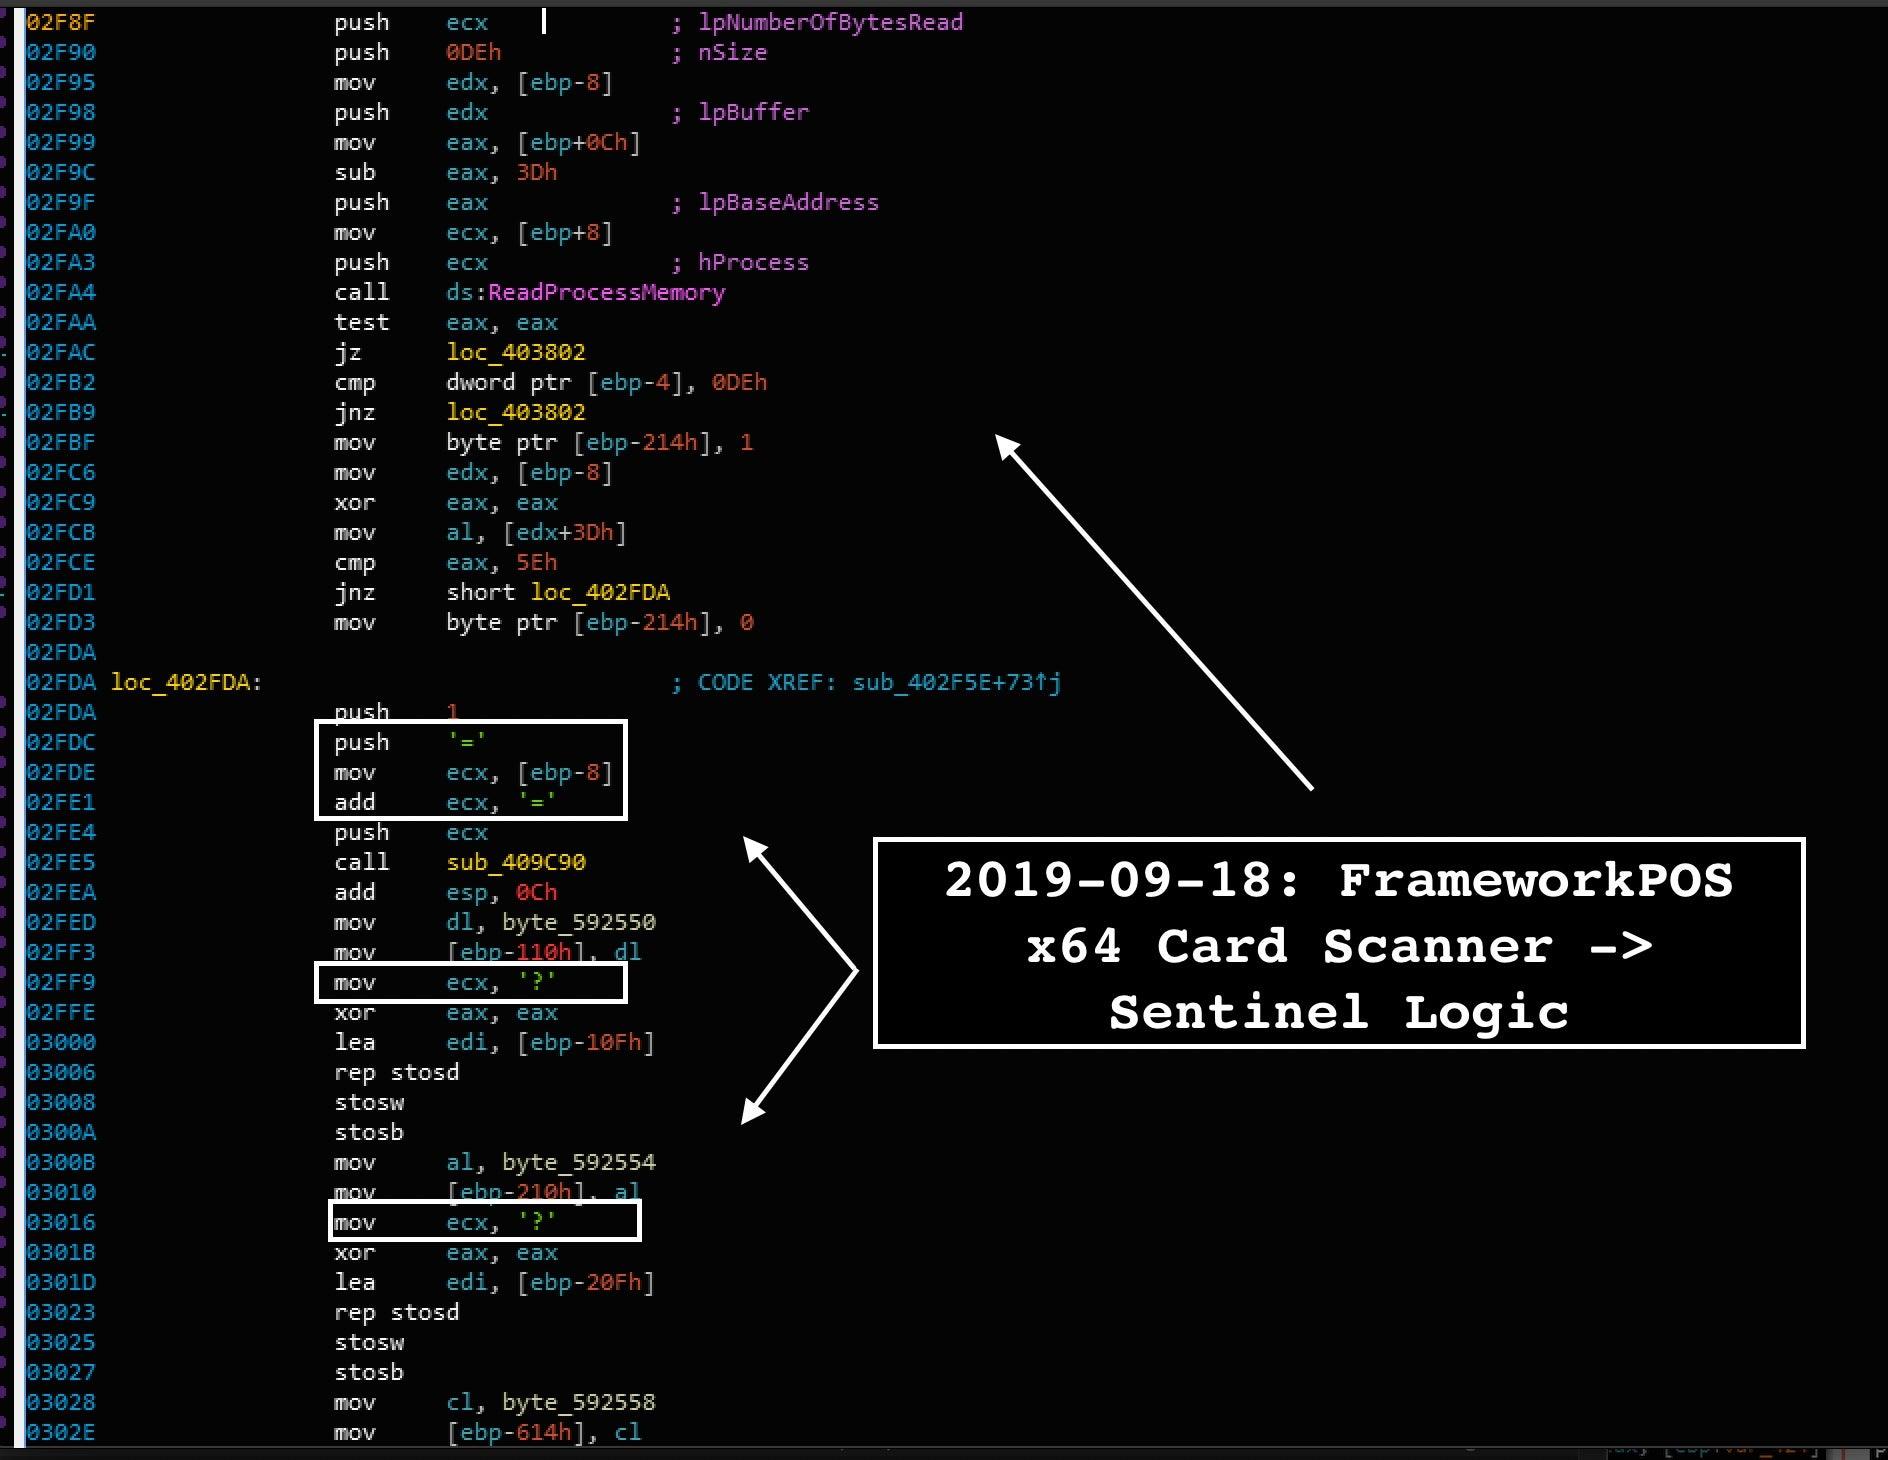 FIN6 x64 malware version